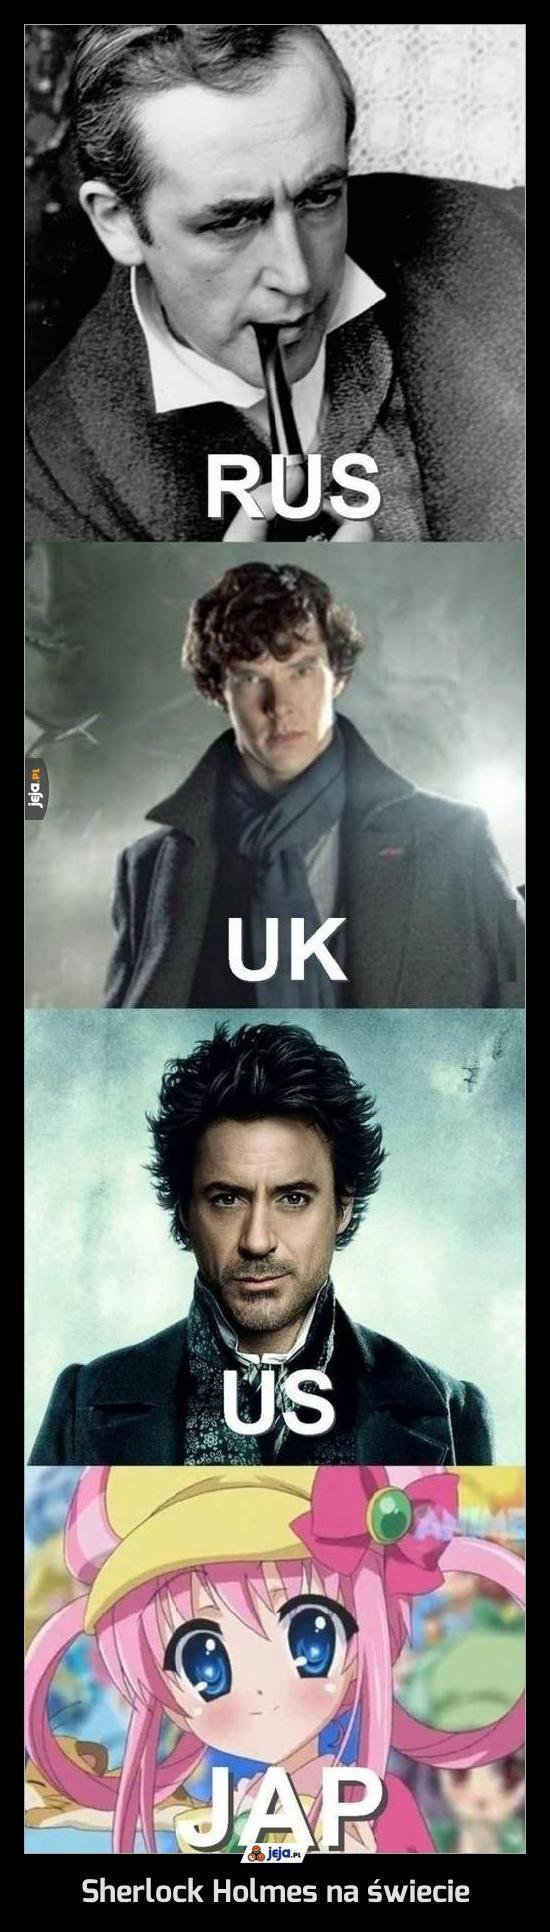 Sherlock Holmes na świecie